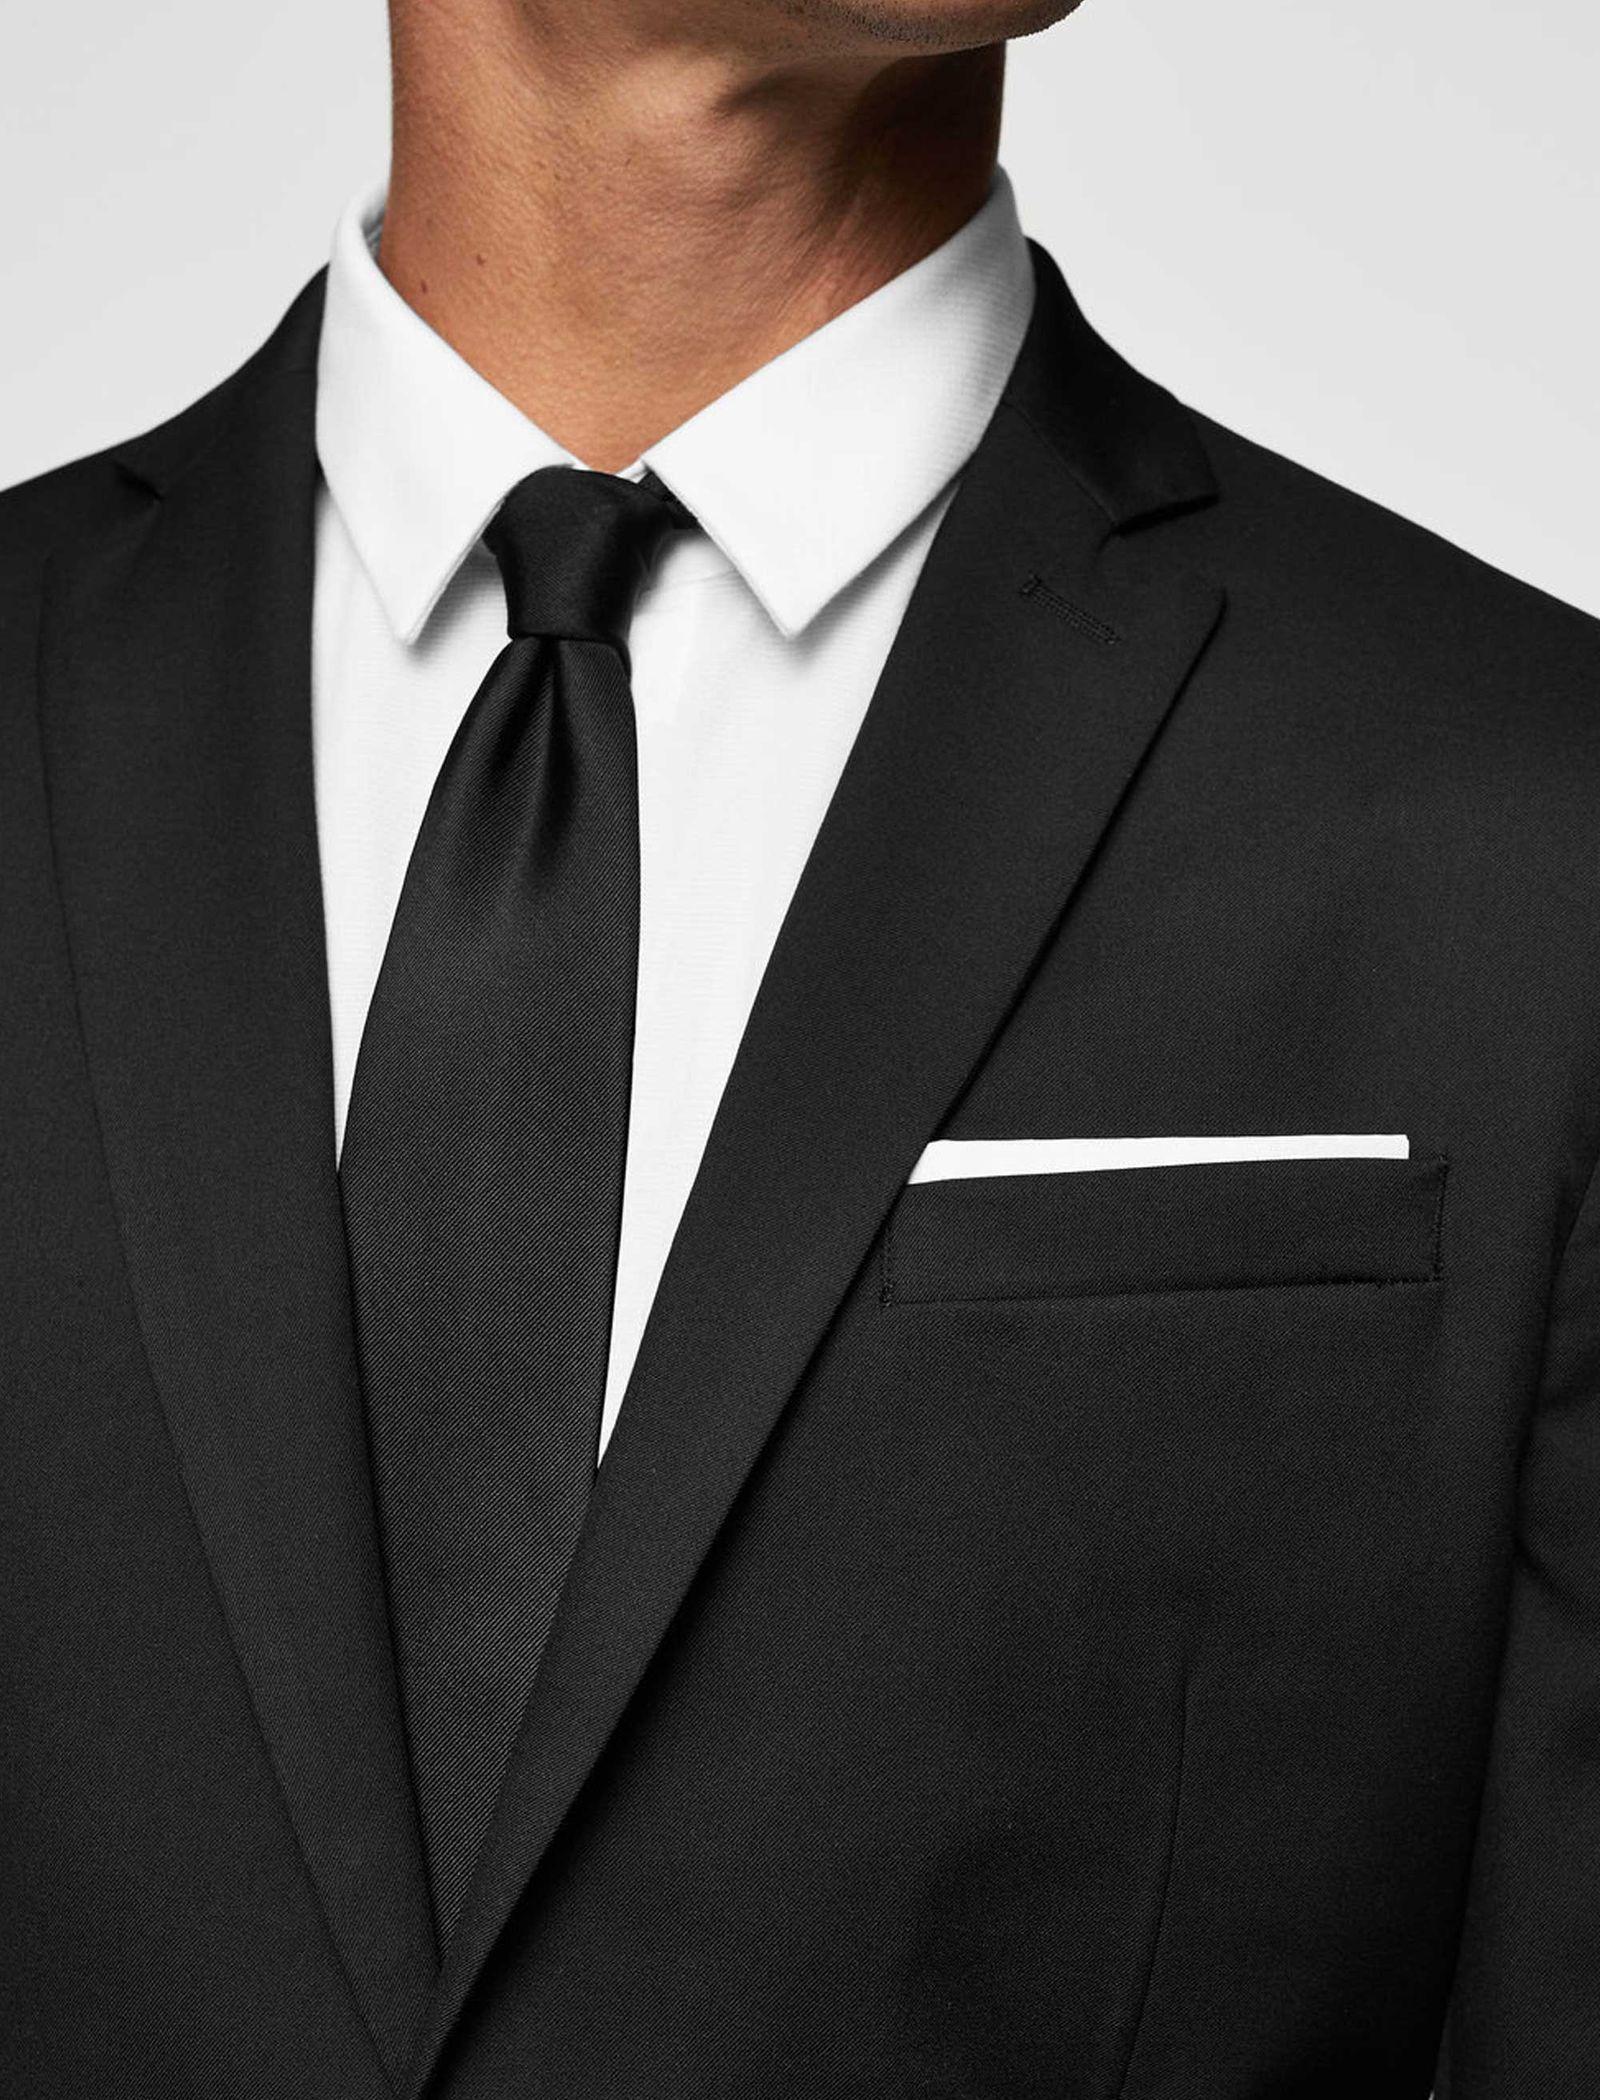 کت تک رسمی مردانه - مانگو - مشکي - 4